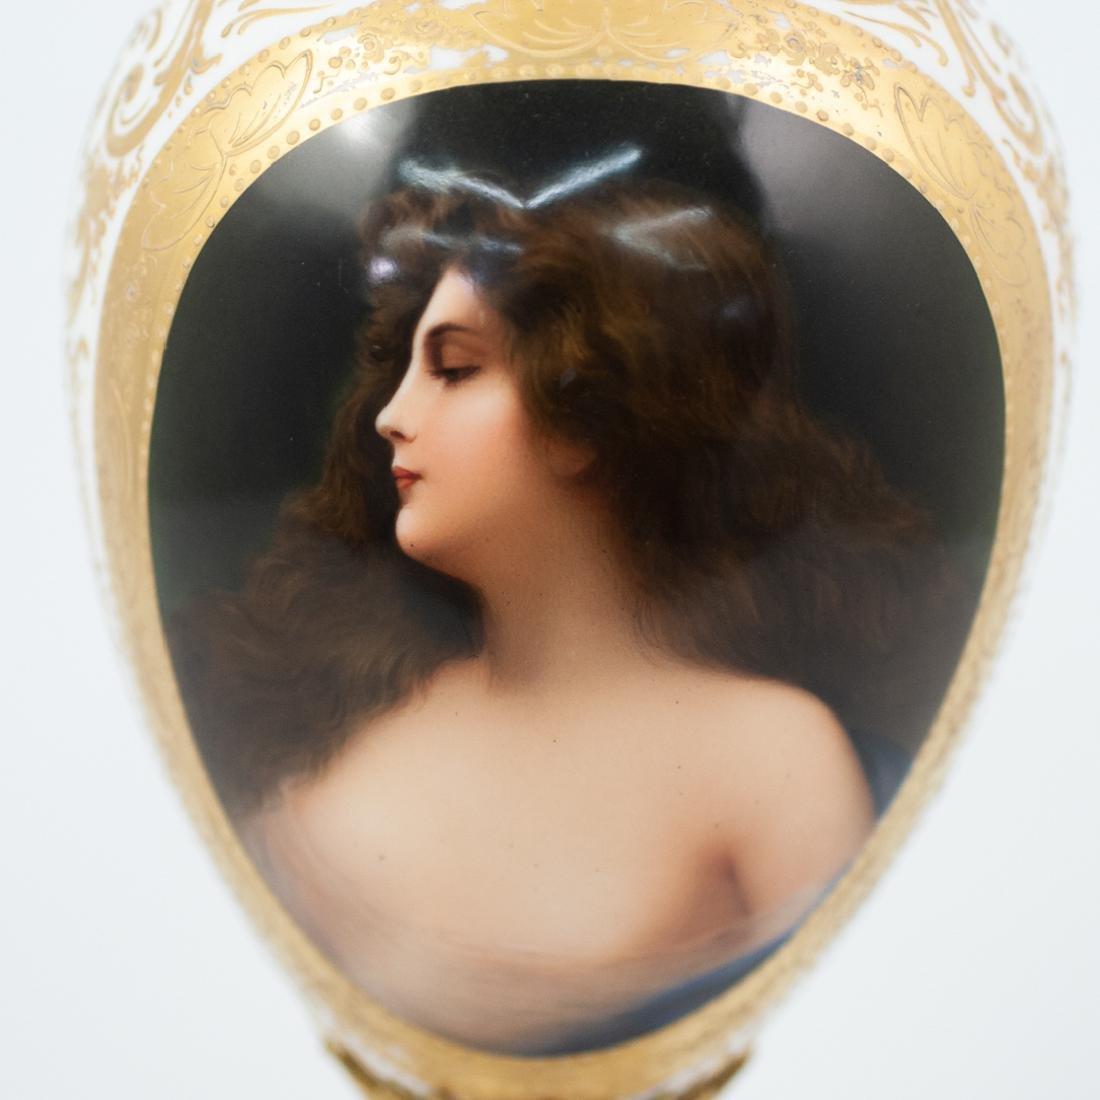 Sevres Porcelain and Gilt Portrait Vase - 3